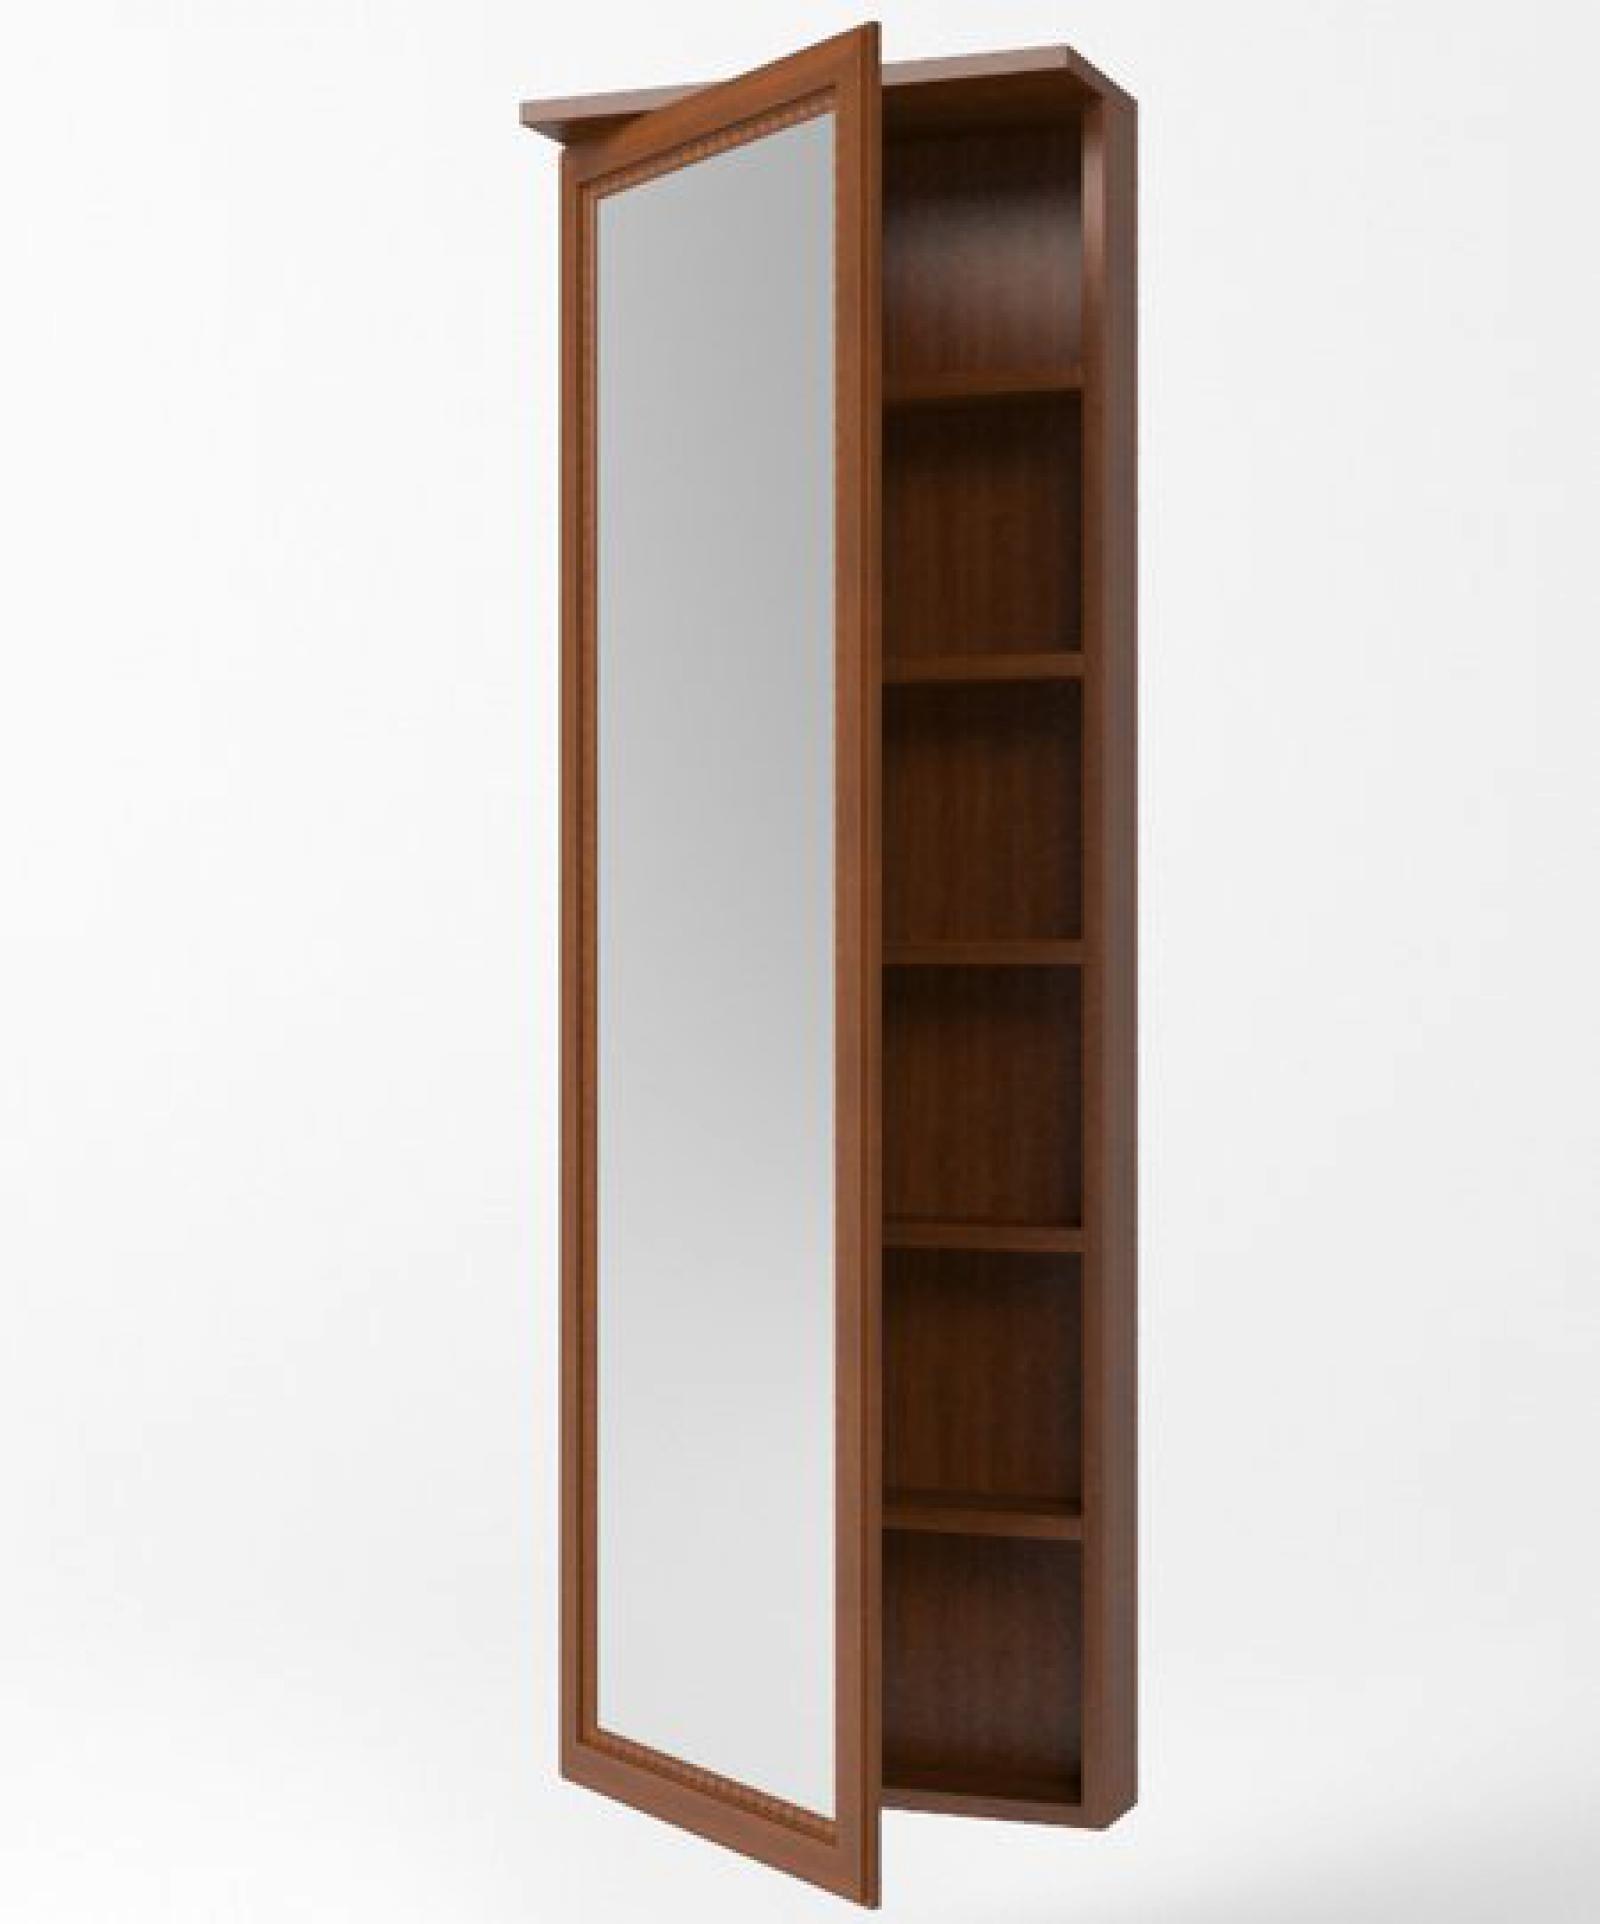 Сакура Орех Секция зеркальная Н15 - 1